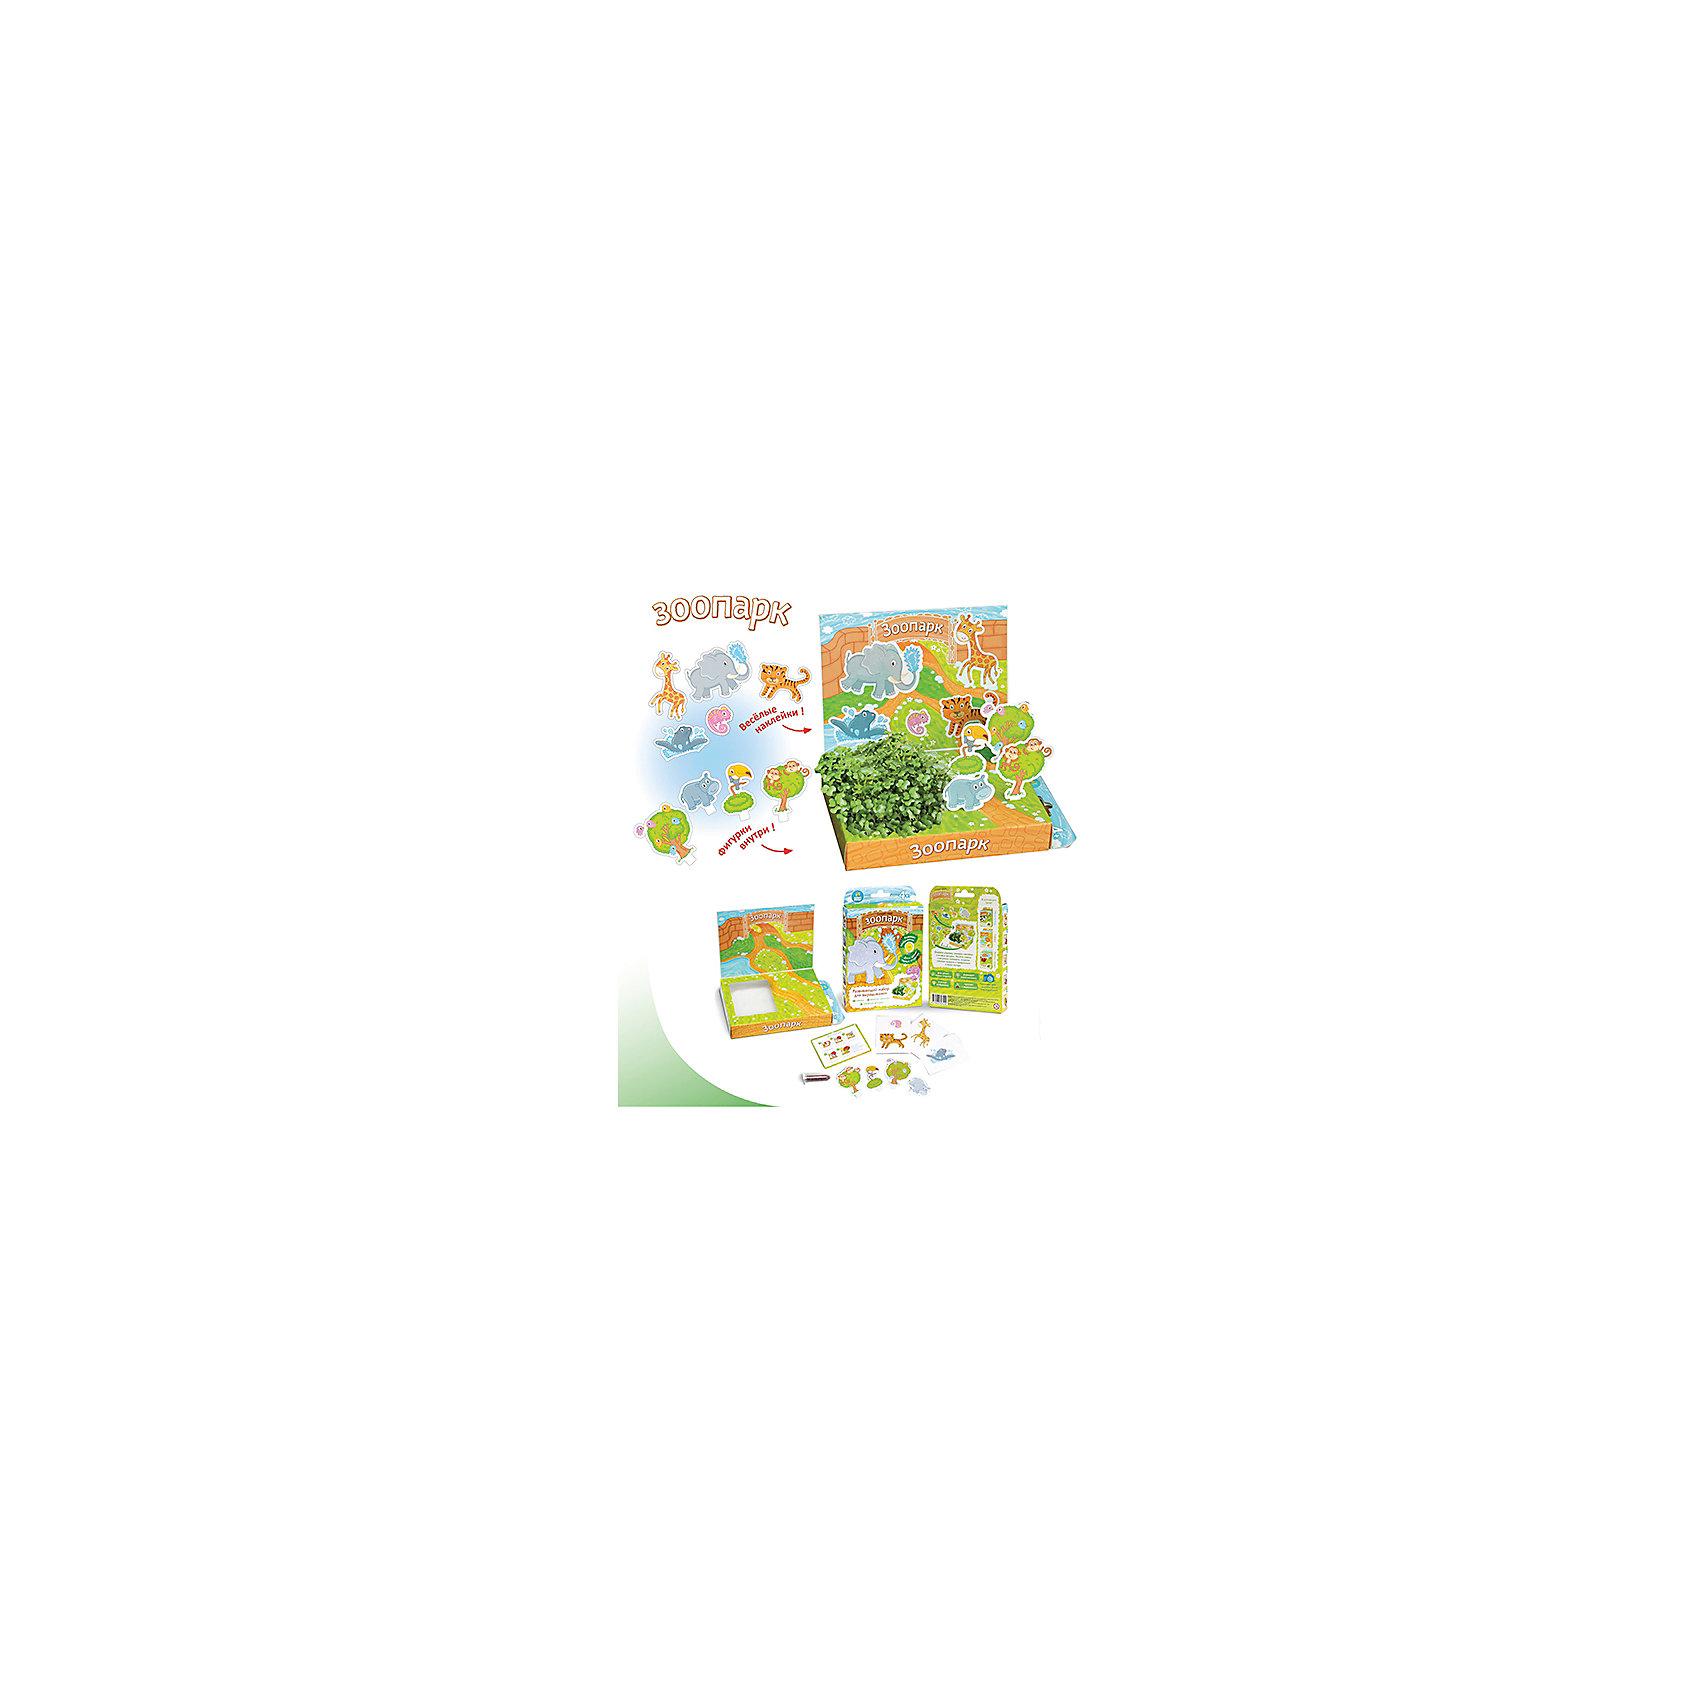 Набор для выращивания Зоопарк Happy PlantНаборы для выращивания растений<br>Детский развивающий набор для выращивания Зоопарк, Happy Plant.<br><br>Характеристики:<br><br>• возможность вырастить настоящую травку, не выходя из дома<br>• прост в использовании<br>• подходит в качестве подарка<br>• безопасные материалы<br>• гарантия качества<br>• в комплекте: наклейки, 3 фигурки, семена, контейнер для растений, агроткань<br>• размер упаковки: 15х11х2,5 см<br>• вес: 30 грамм<br><br>Набор Зоопарк познакомит ребенка с животными и поможет ему украсить вольеры настоящей травой. Для этого достаточно посадить семена на смоченную агроткань, полить их и подождать несколько дней. Совсем скоро вы увидите первые росточки, которые непременно понравятся малышу. Этот набор научит ребенка ухаживать за растениями и бережно относиться к ним.<br><br>Детский развивающий набор для выращивания Зоопарк, Happy Plant можно купить в нашем интернет-магазине.<br><br>Ширина мм: 175<br>Глубина мм: 115<br>Высота мм: 25<br>Вес г: 30<br>Возраст от месяцев: 168<br>Возраст до месяцев: 240<br>Пол: Унисекс<br>Возраст: Детский<br>SKU: 5053966